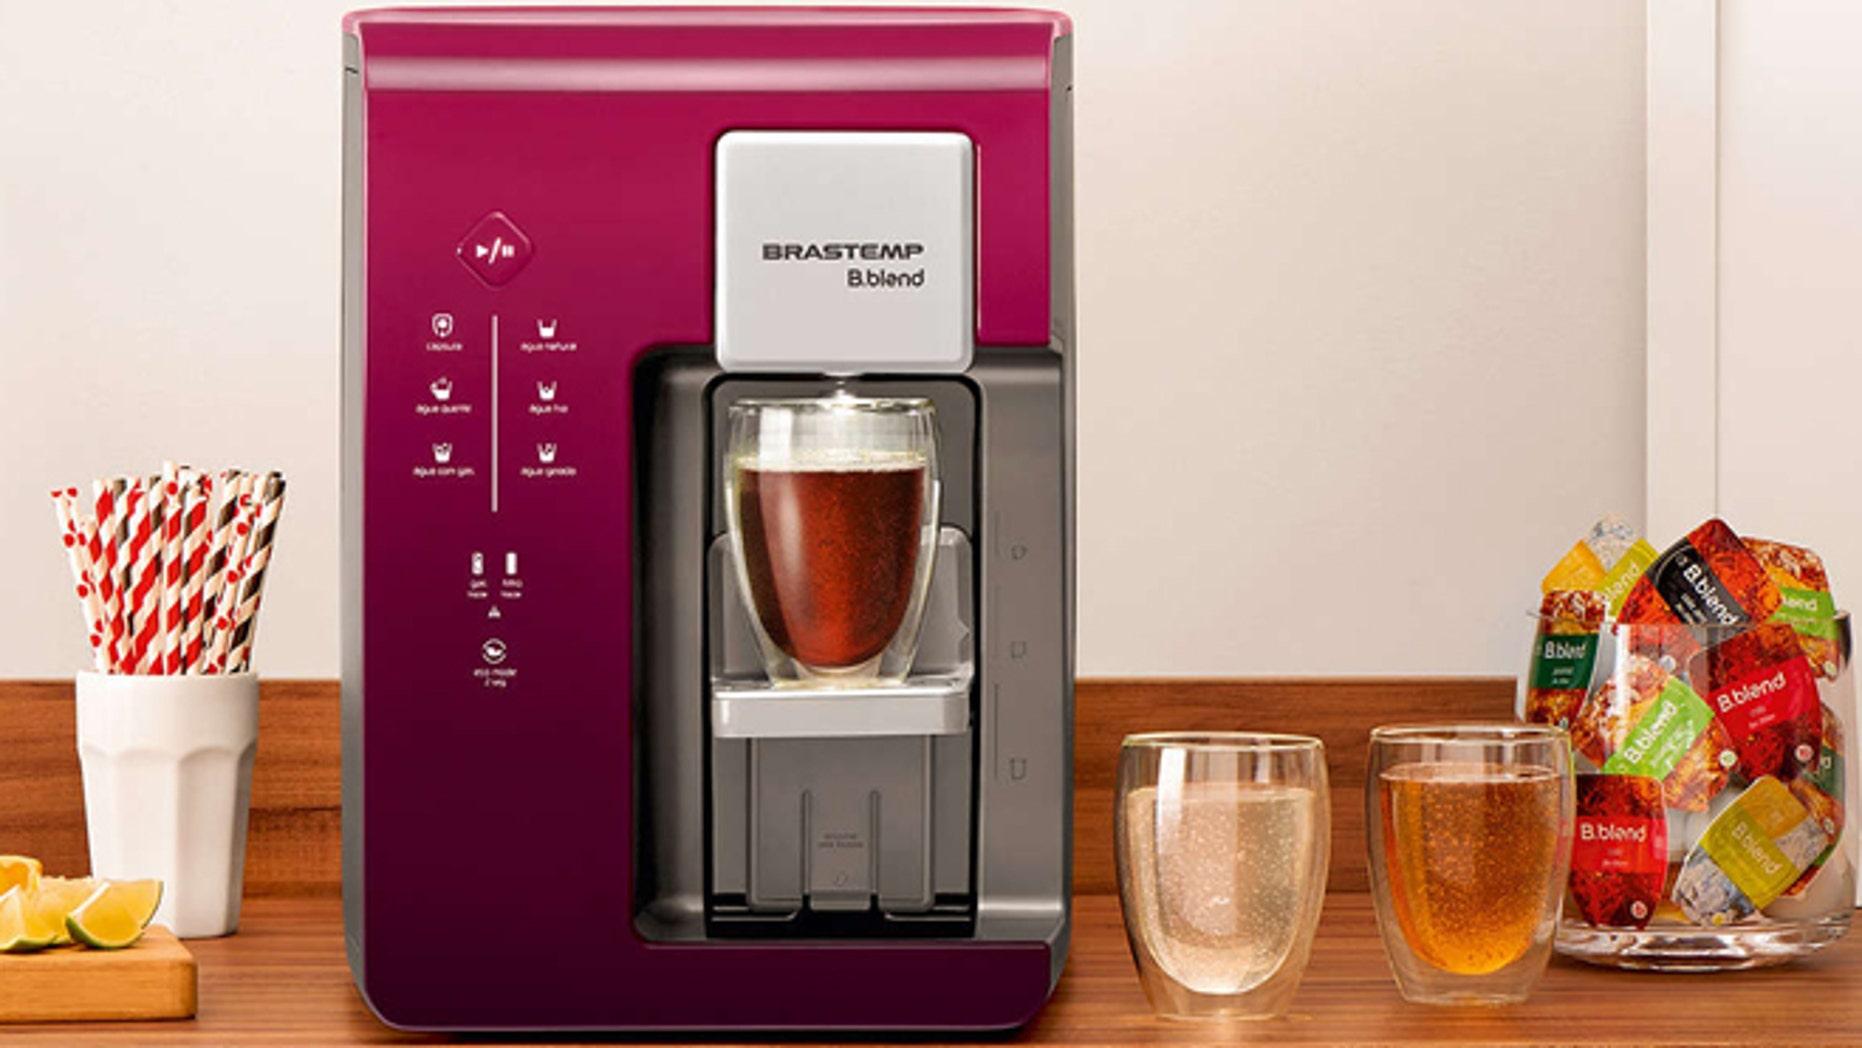 An earlier drink machine release under Whirlpool's Brazilian appliance brand.